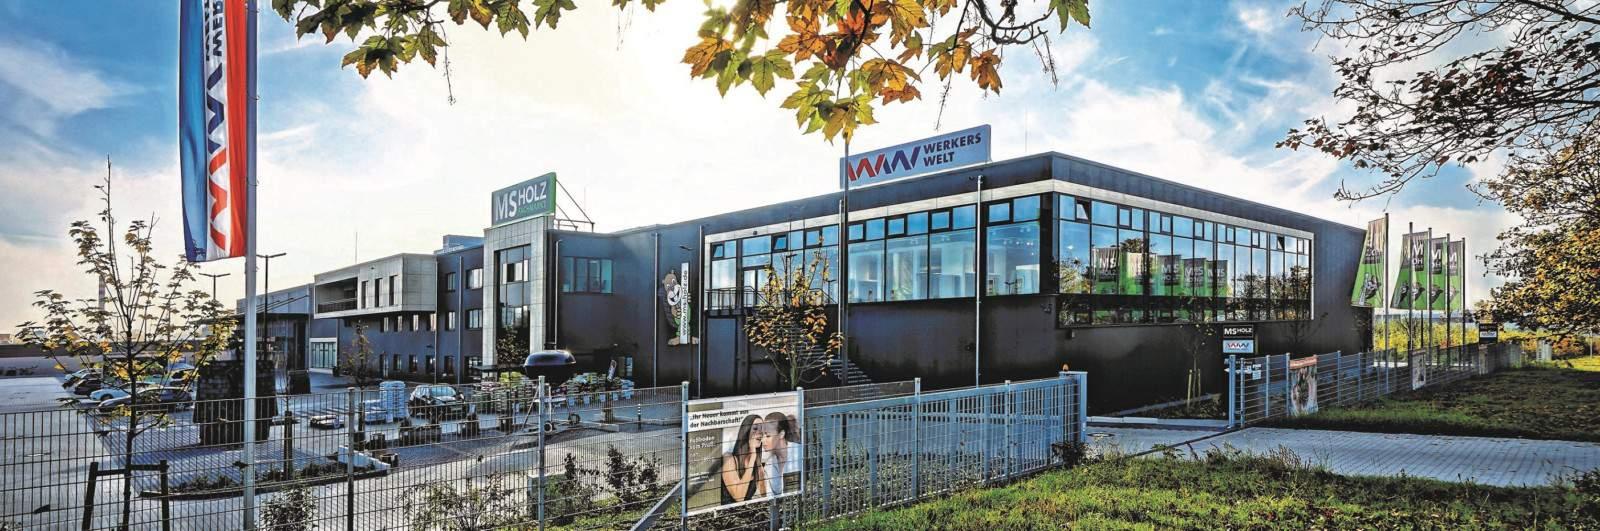 Ms-Holzmarkt